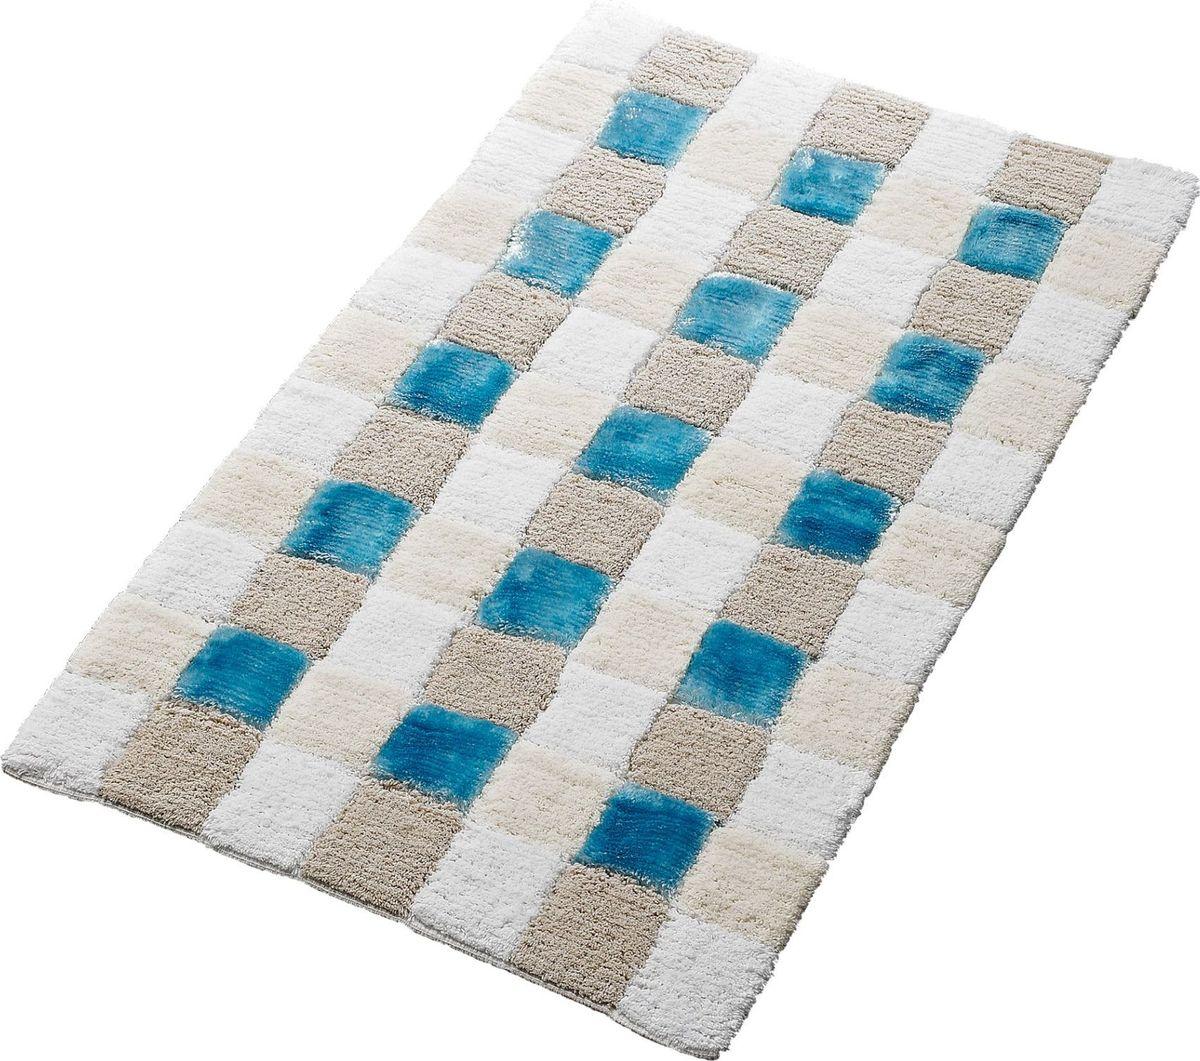 Коврик для ванной Ridder Carre, цвет: белый, голубой, 70 х 120 см коврик для ванной ridder grand prix цвет белый синий 55 х 85 см